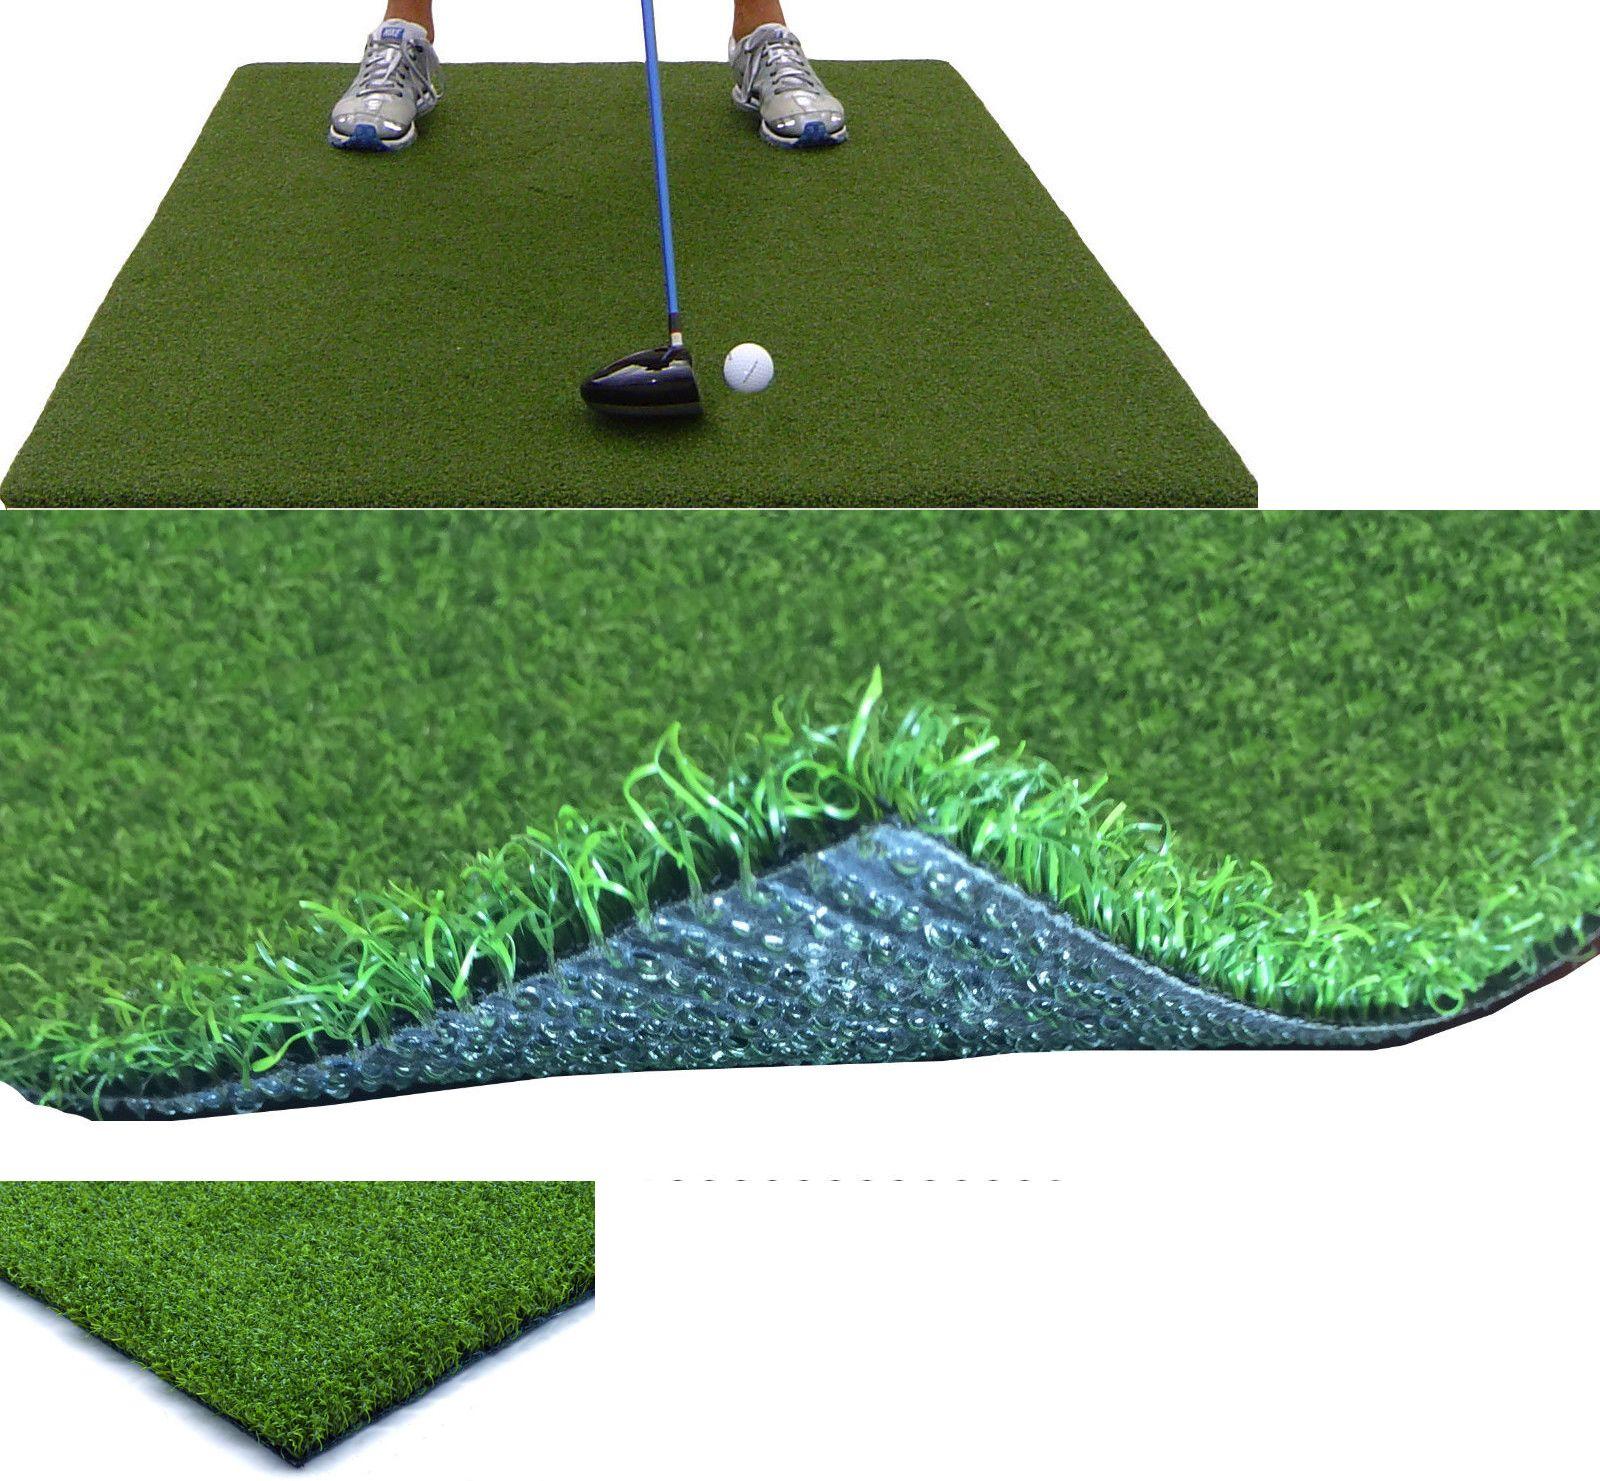 nets cages and mats 50876 backyard golf mat 36 x 60 pro